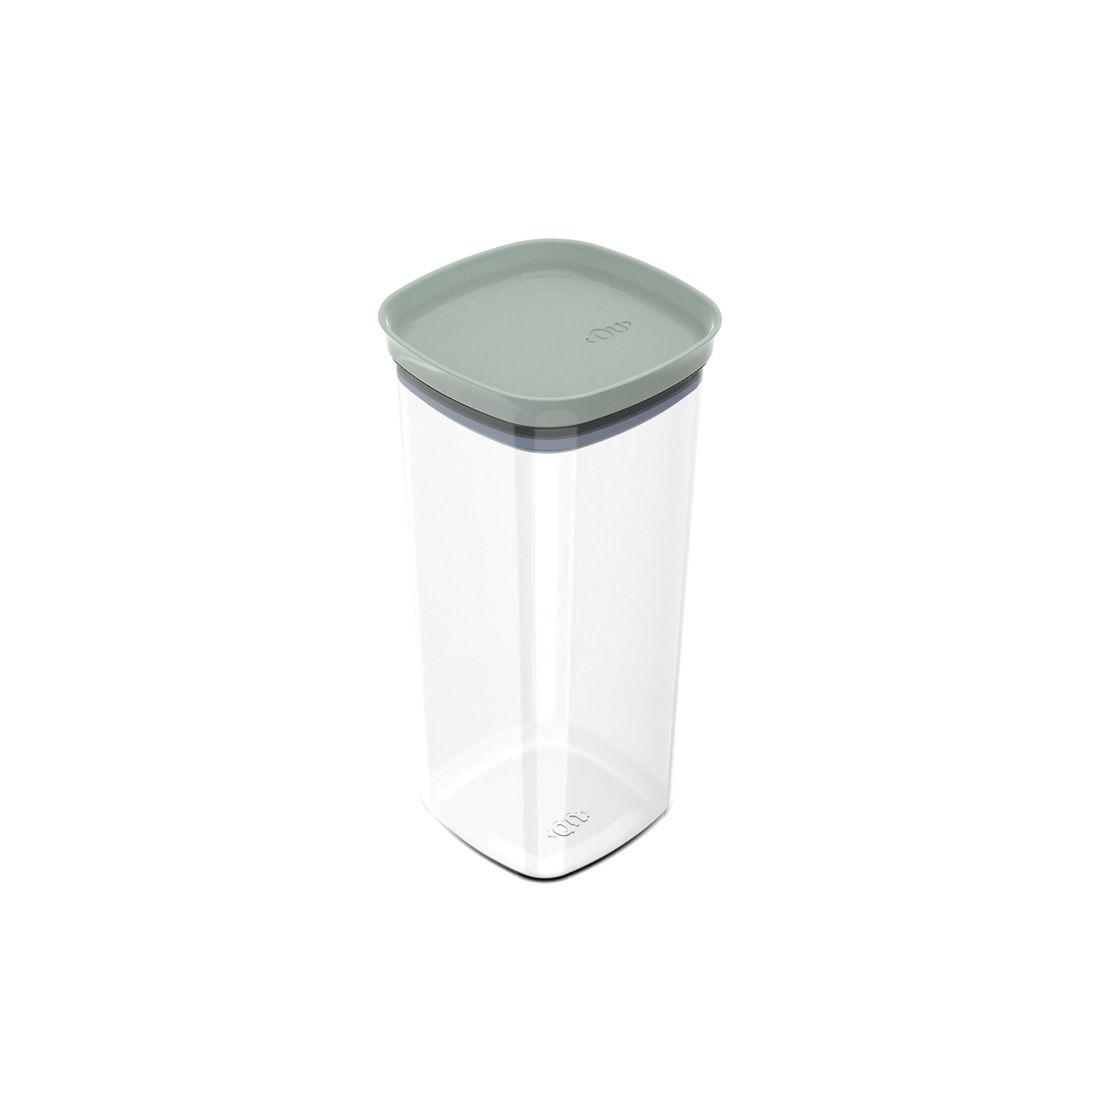 Pote de Plástico com Tampa Hermética Block 1,5L Verde Menta